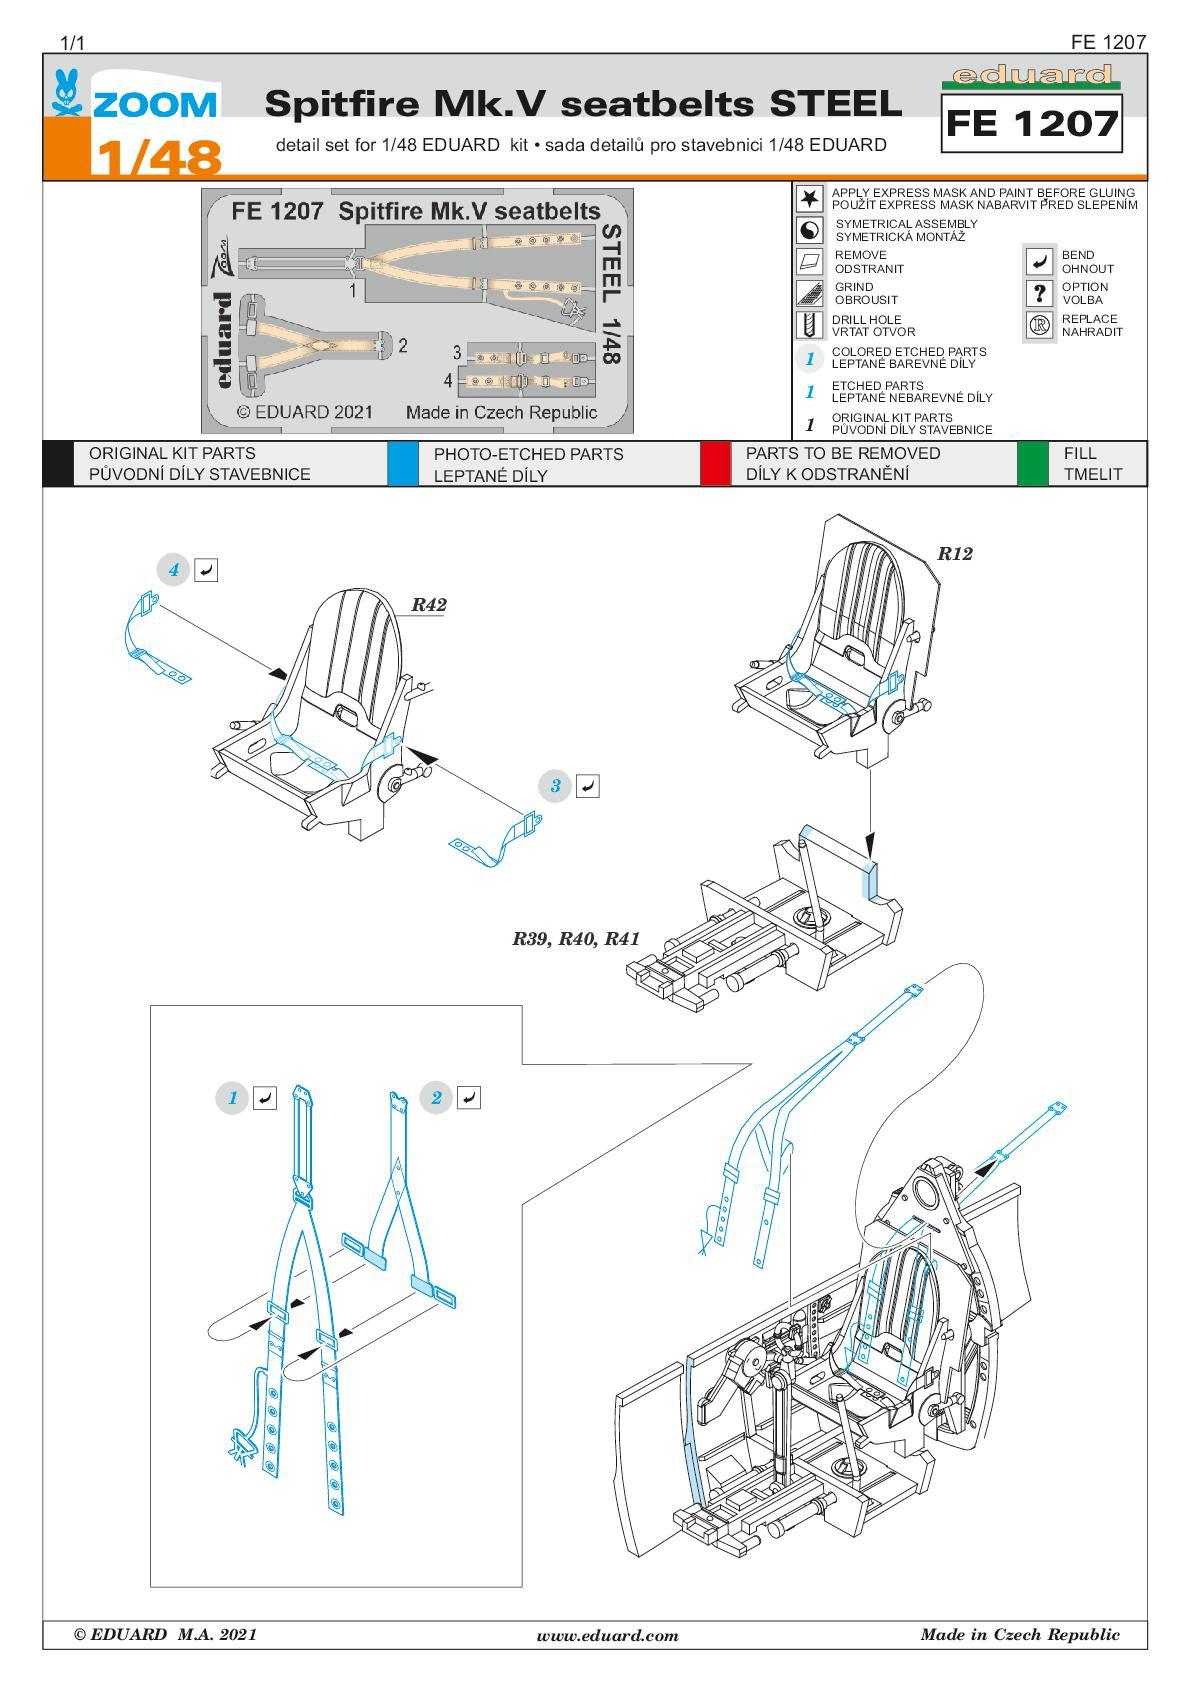 Eduard-FE1207-Spitfire-MK.V-Gurte-001 Seatbelts STEEL und TFace-Masken für die Spitfire Mk. V in 1:48 von Eduard #